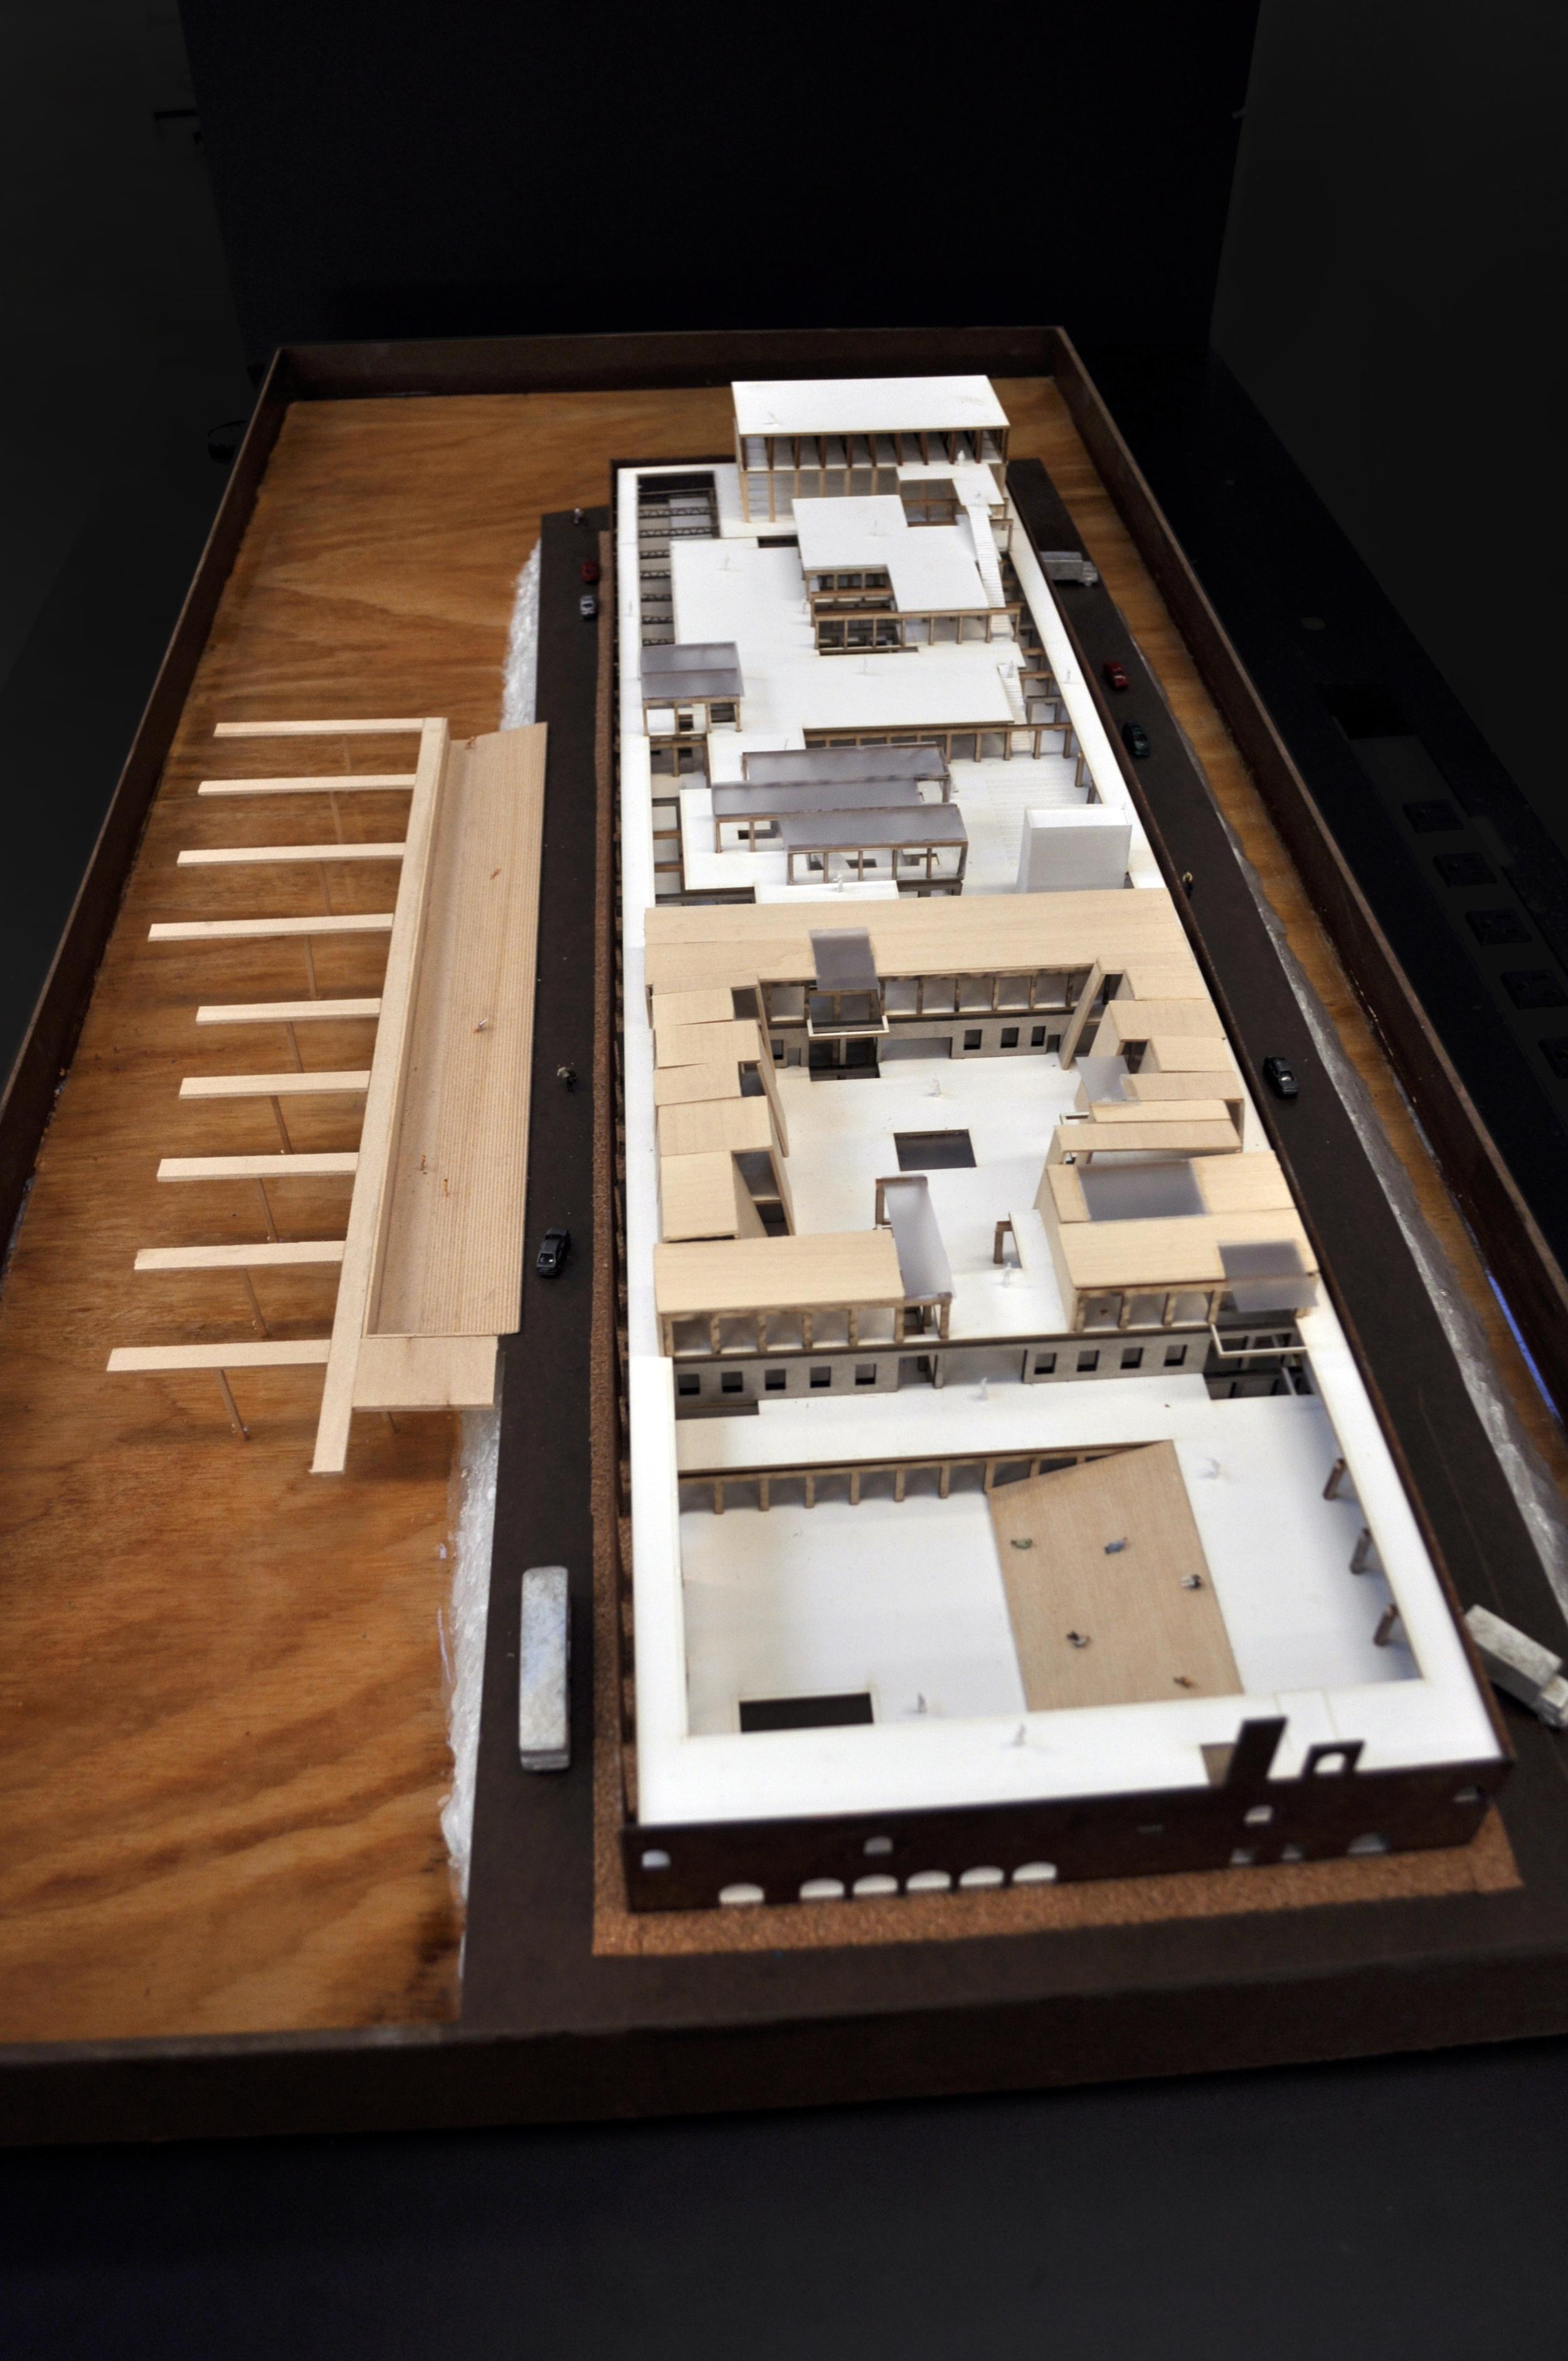 P1 Hipster Hospital model 3.jpg